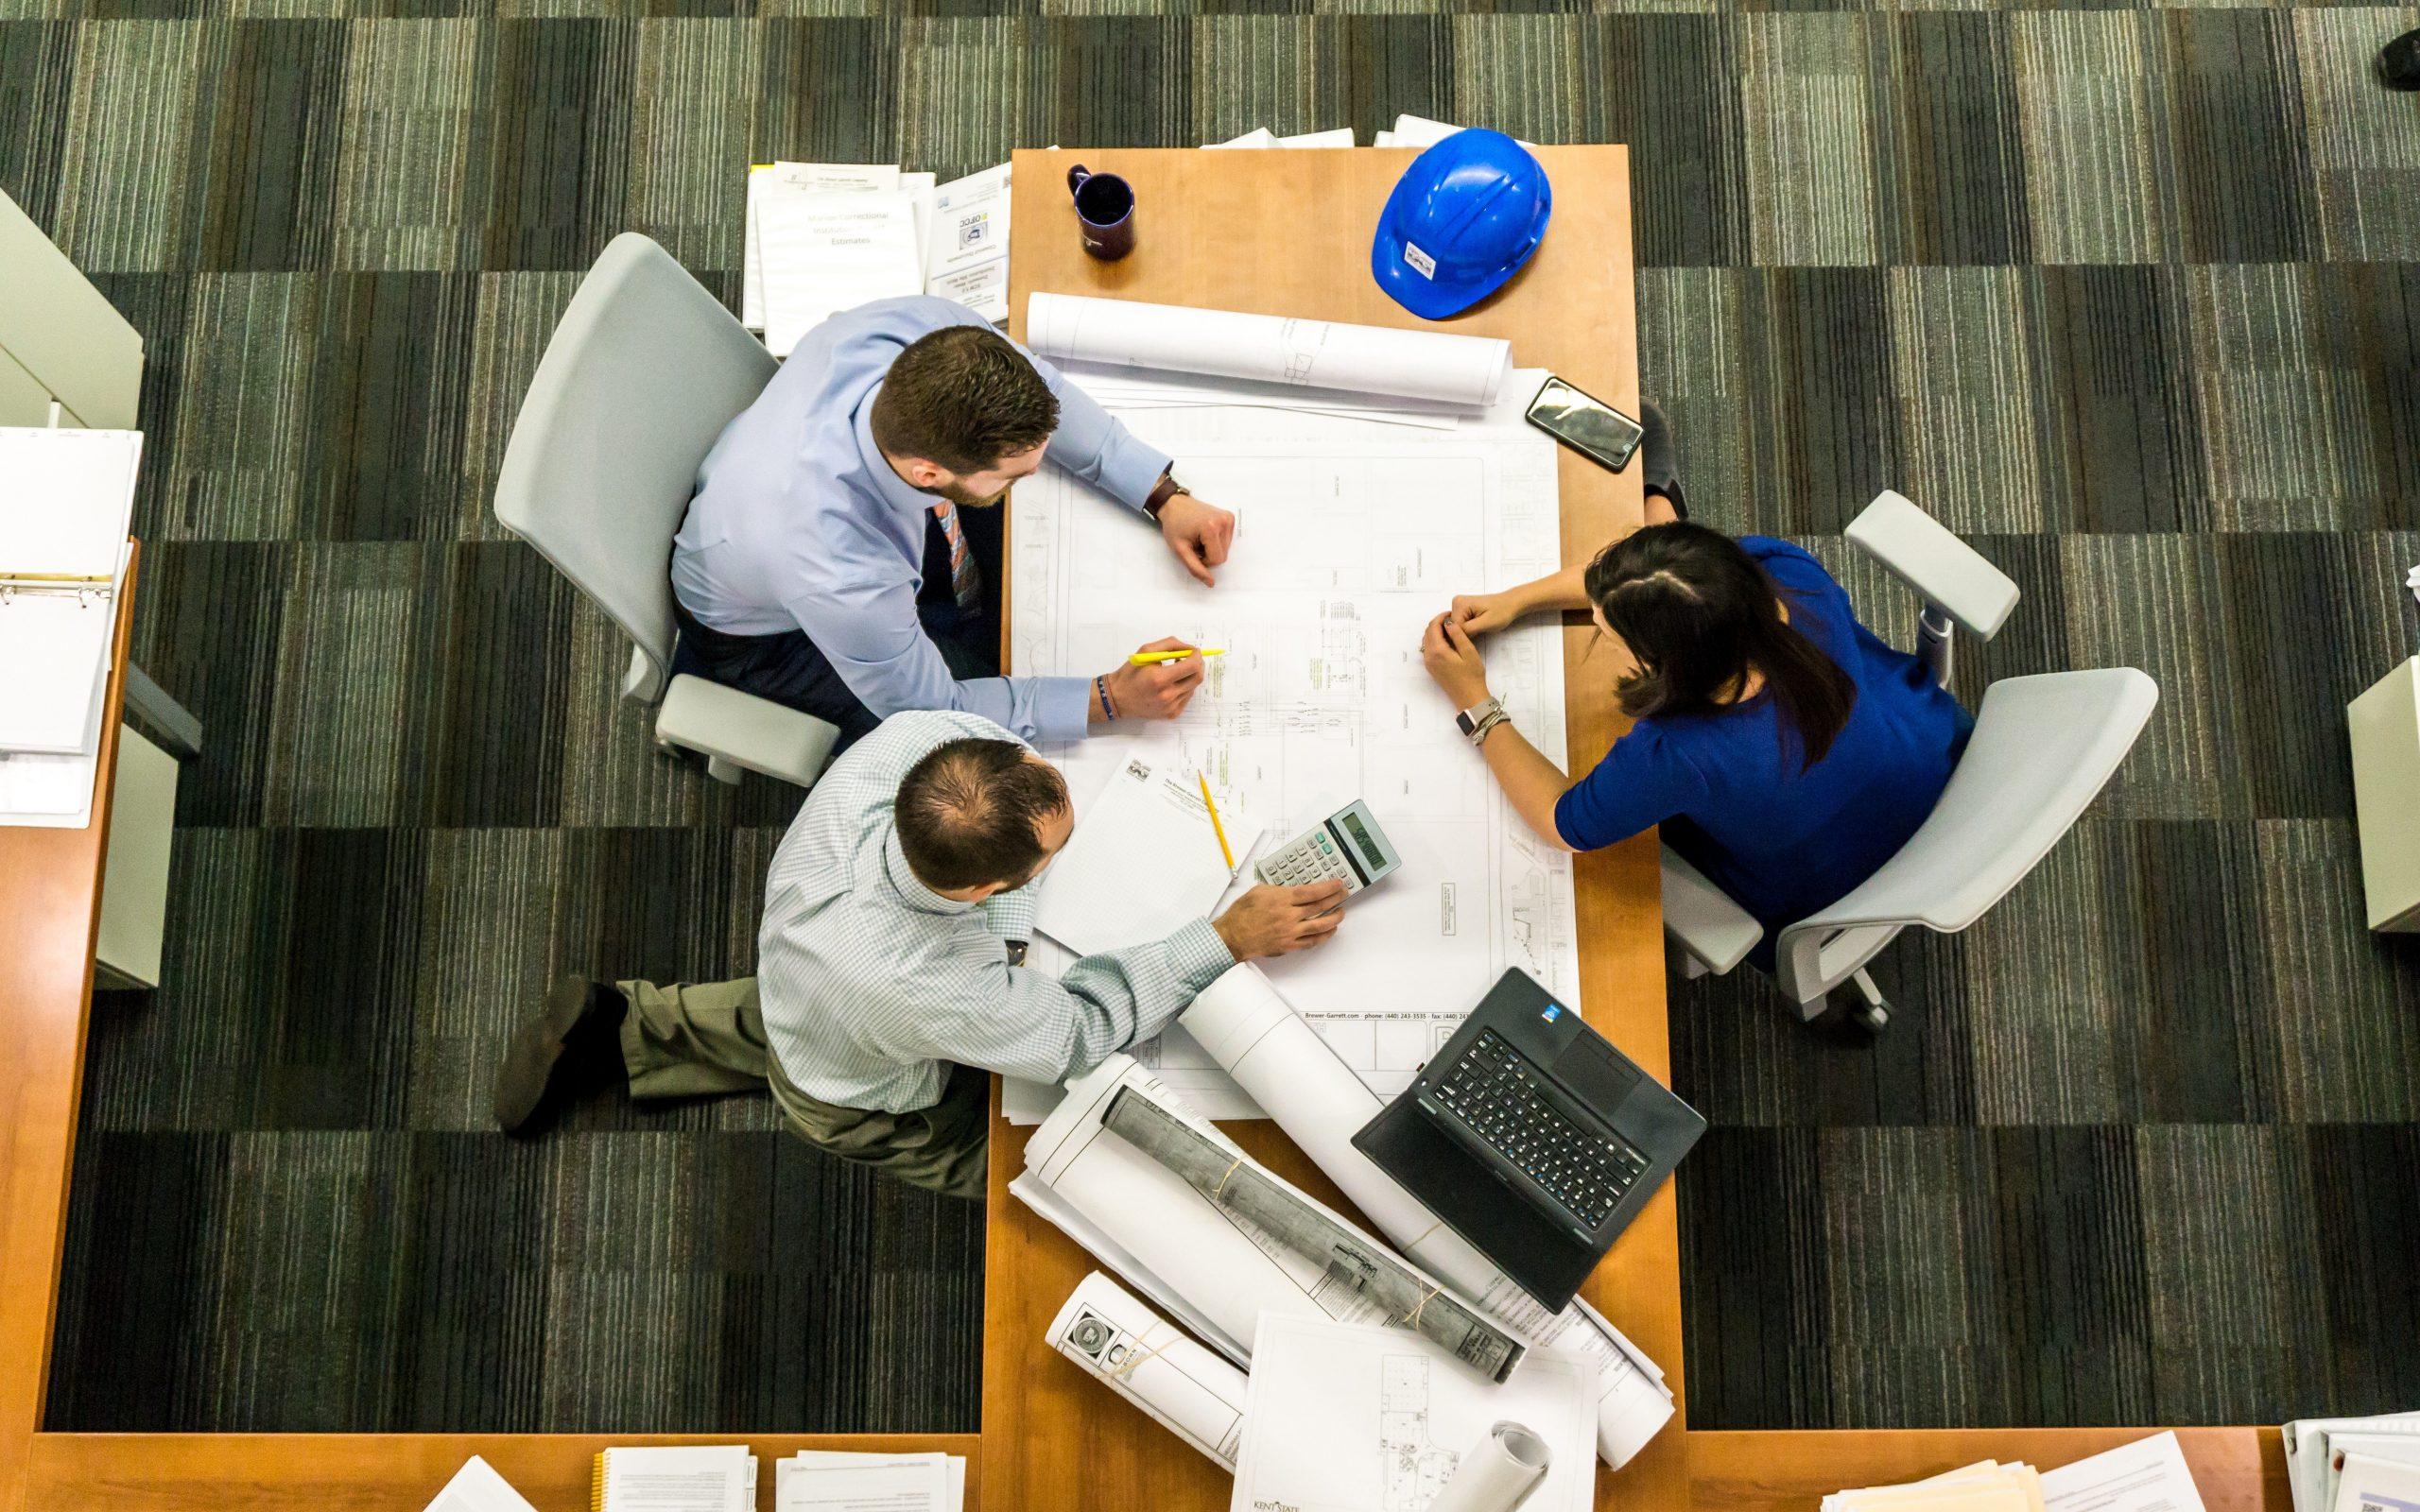 De nouveaux outils émergent pour faciliter le travail en collaboration et développer la vue d'ensemble en entreprise